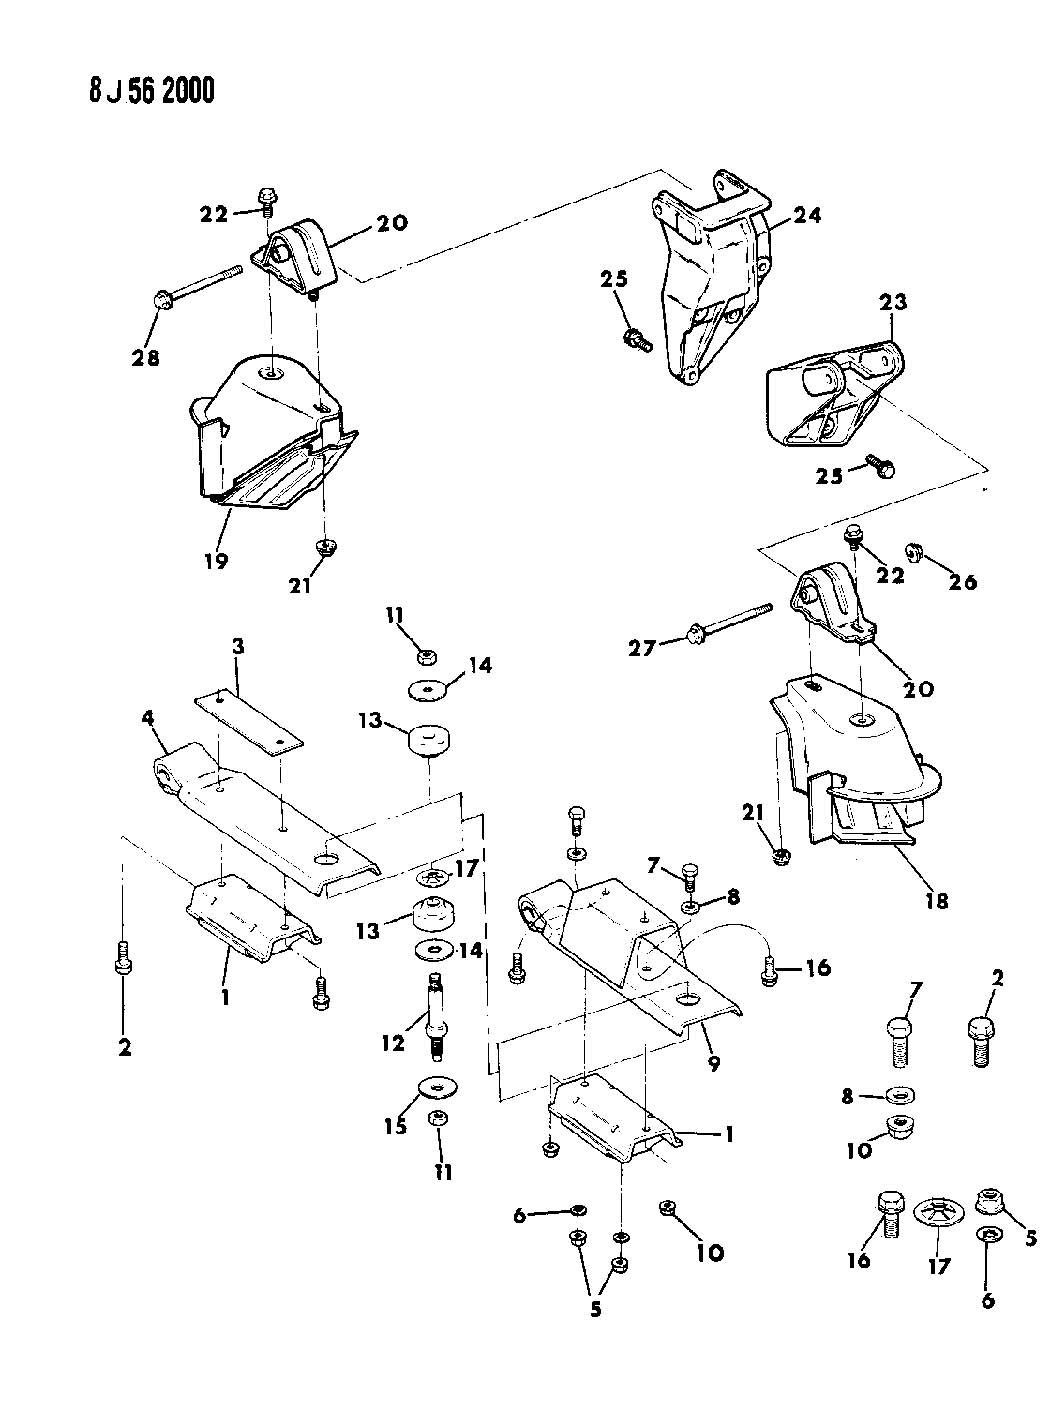 Axle Vacuum Diagram Additionally 1988 Jeep Anche 4 0 Vacuum Diagram